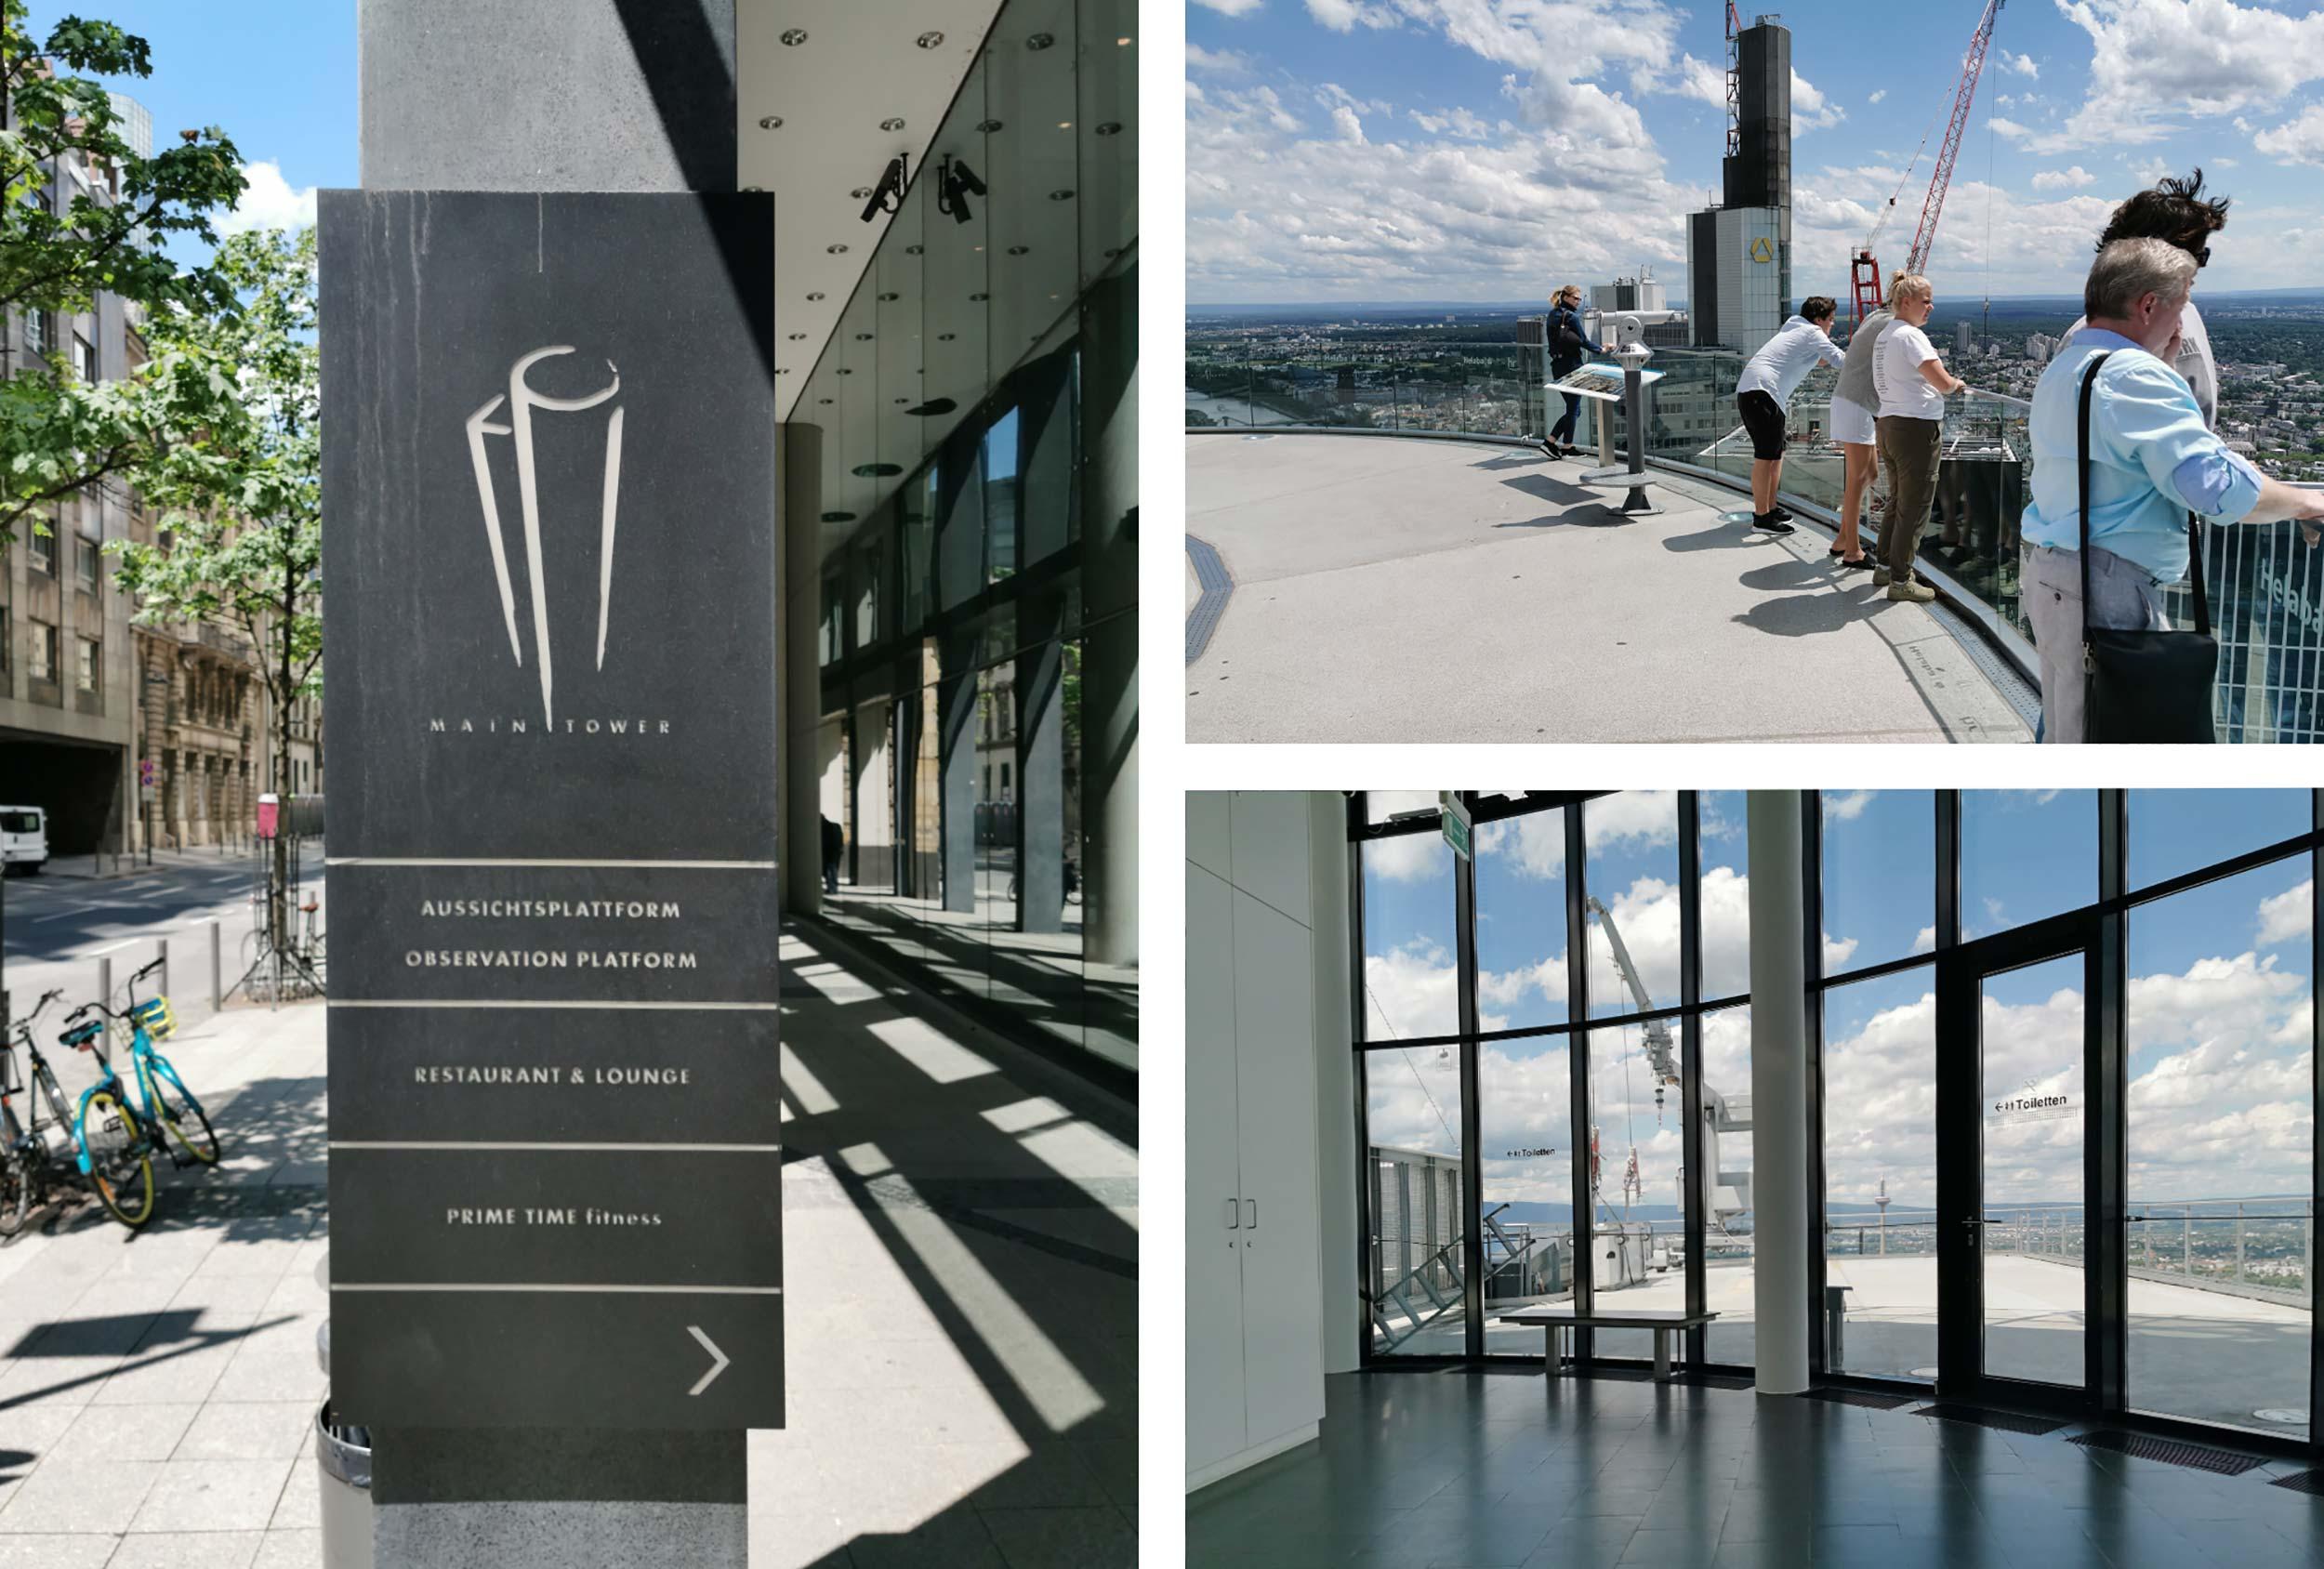 Sehenswürdigkeit in Frankfurt - MAIN TOWER Aussichtsterrasse - Aussichtsturm - Öffnungszeiten der Plattform - Tipps für Touristen